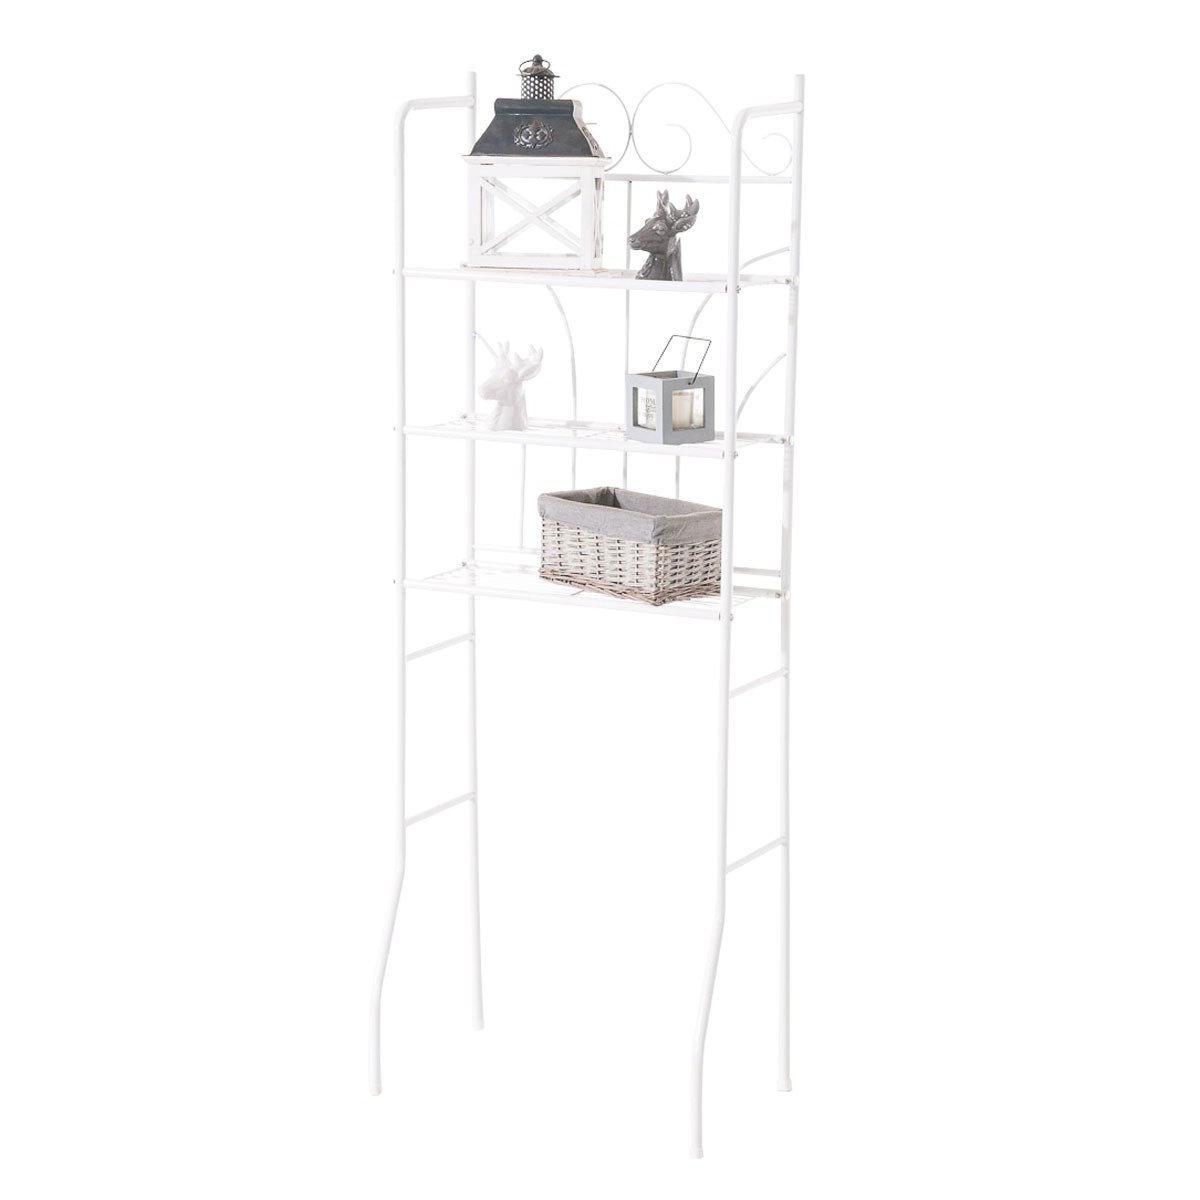 Decoshop26 Meuble étagère pour dessus WC en fer blanc stockage et rangement WC et salle de bain ETA10099